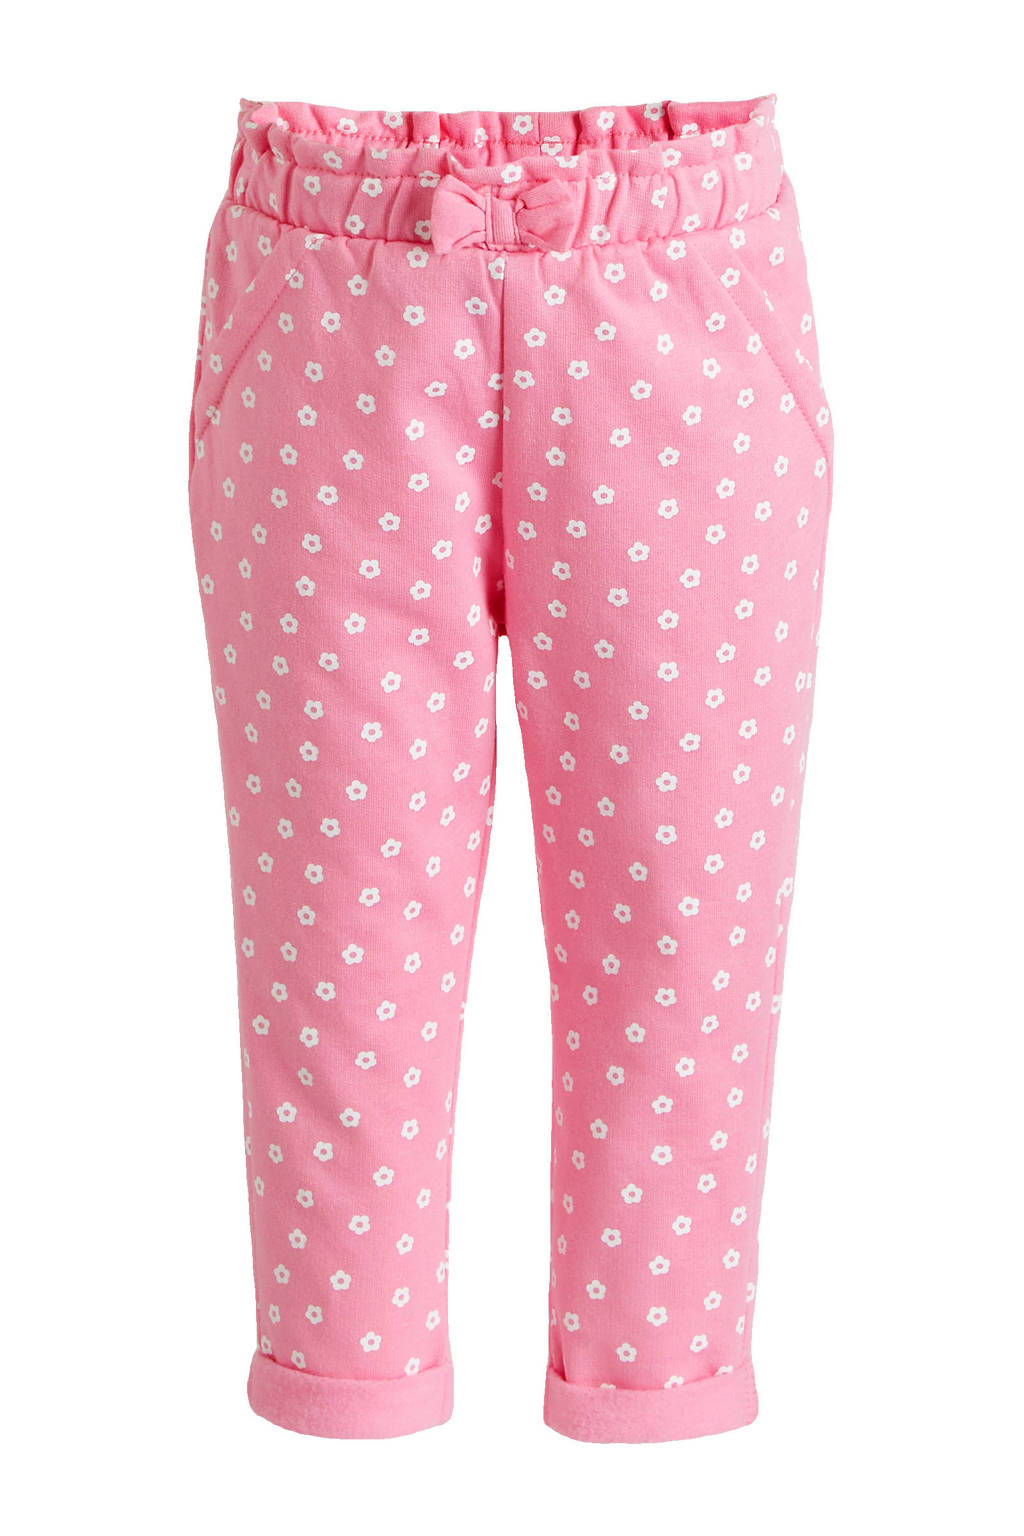 C&A Baby Club baby gebloemde broek van biologisch katoen roze/wit, Roze/wit